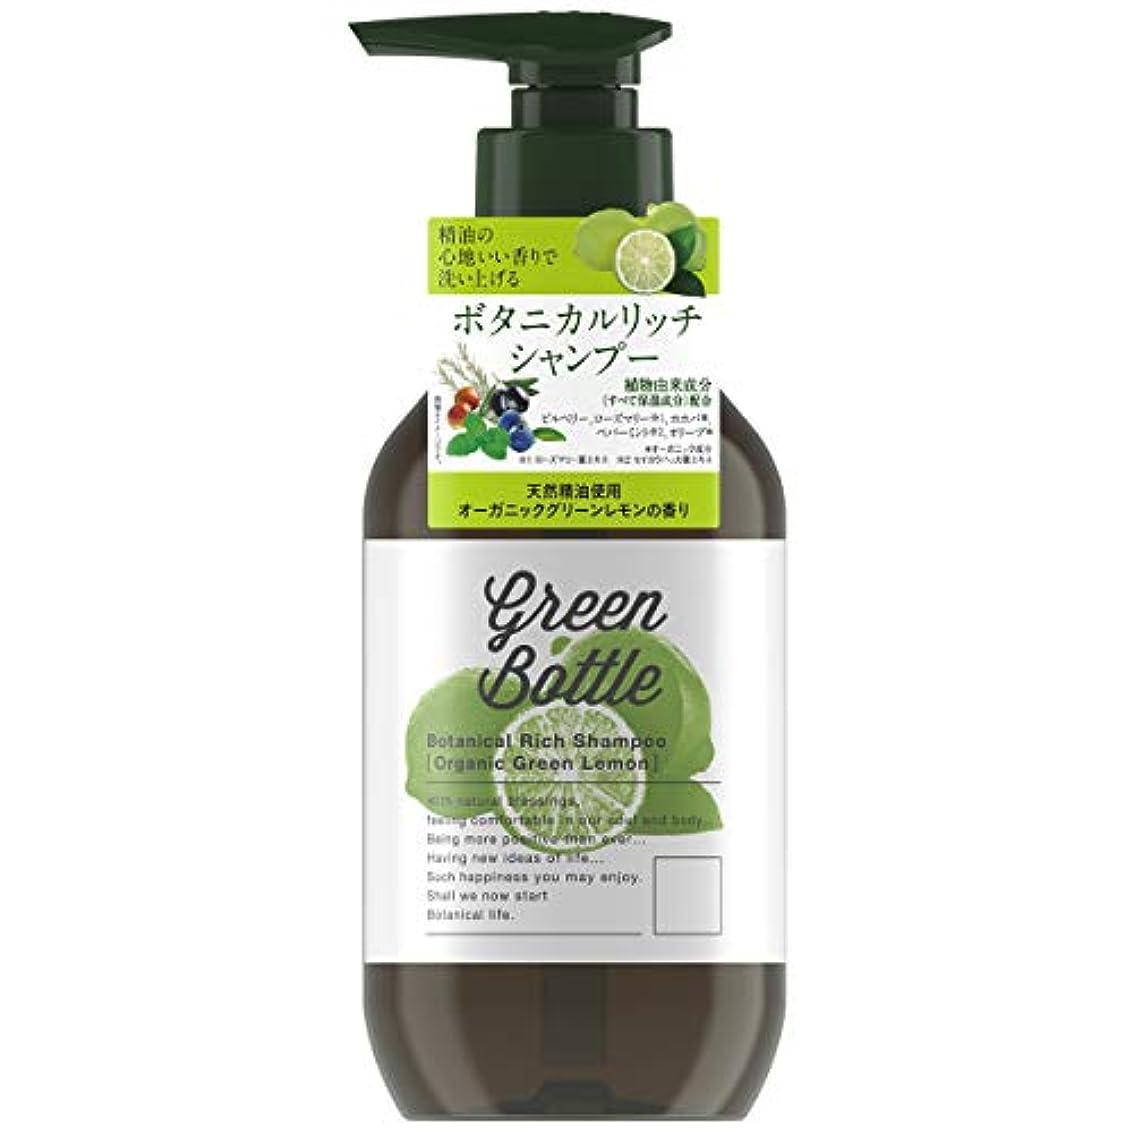 牛フィドルツーリストグリーンボトルボタニカルリッチシャンプー(オーガニックグリーンレモンの香り) 490ml